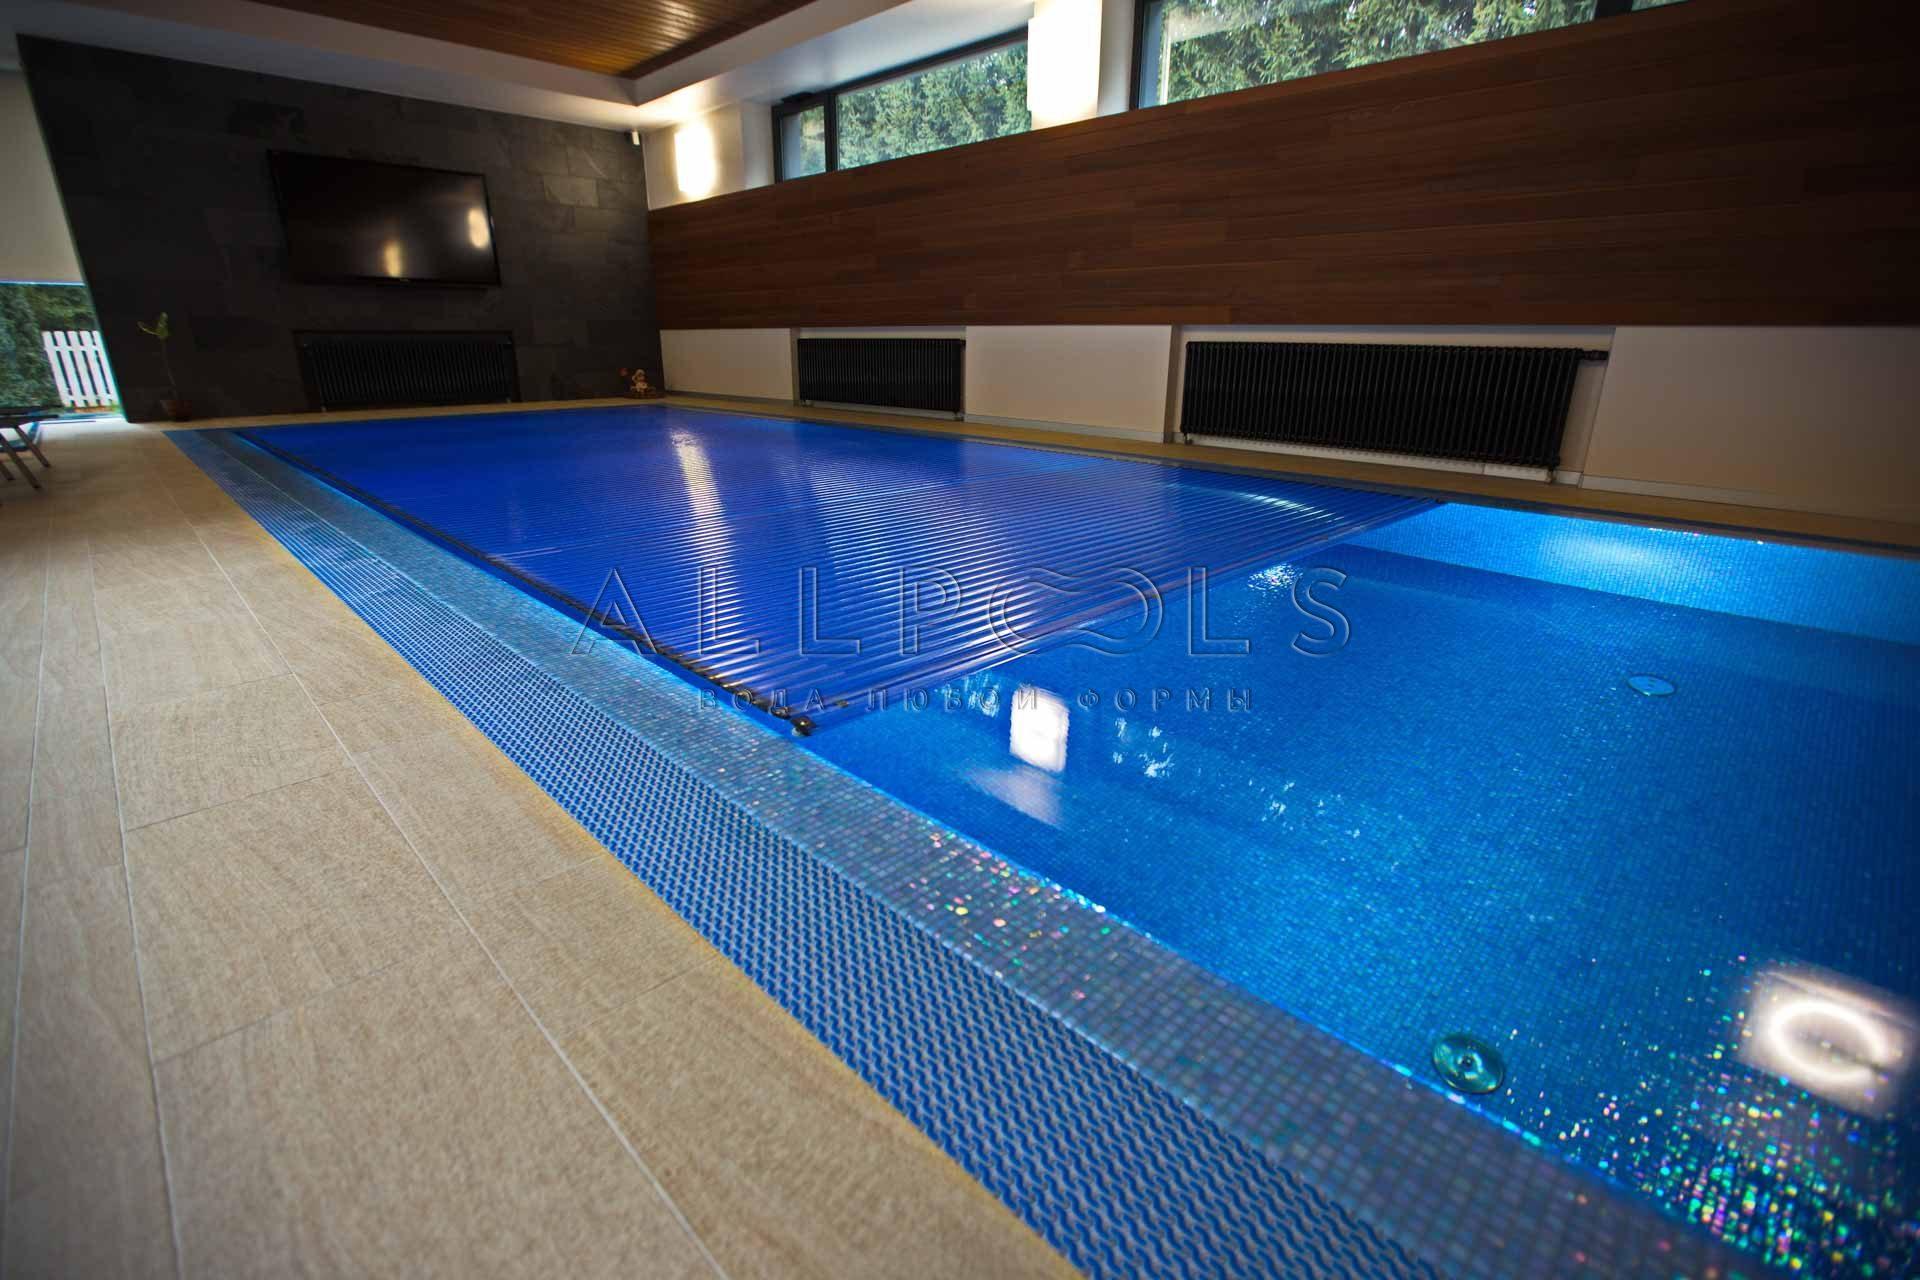 Фото сматывающегося покрытия для бассейна в частном доме